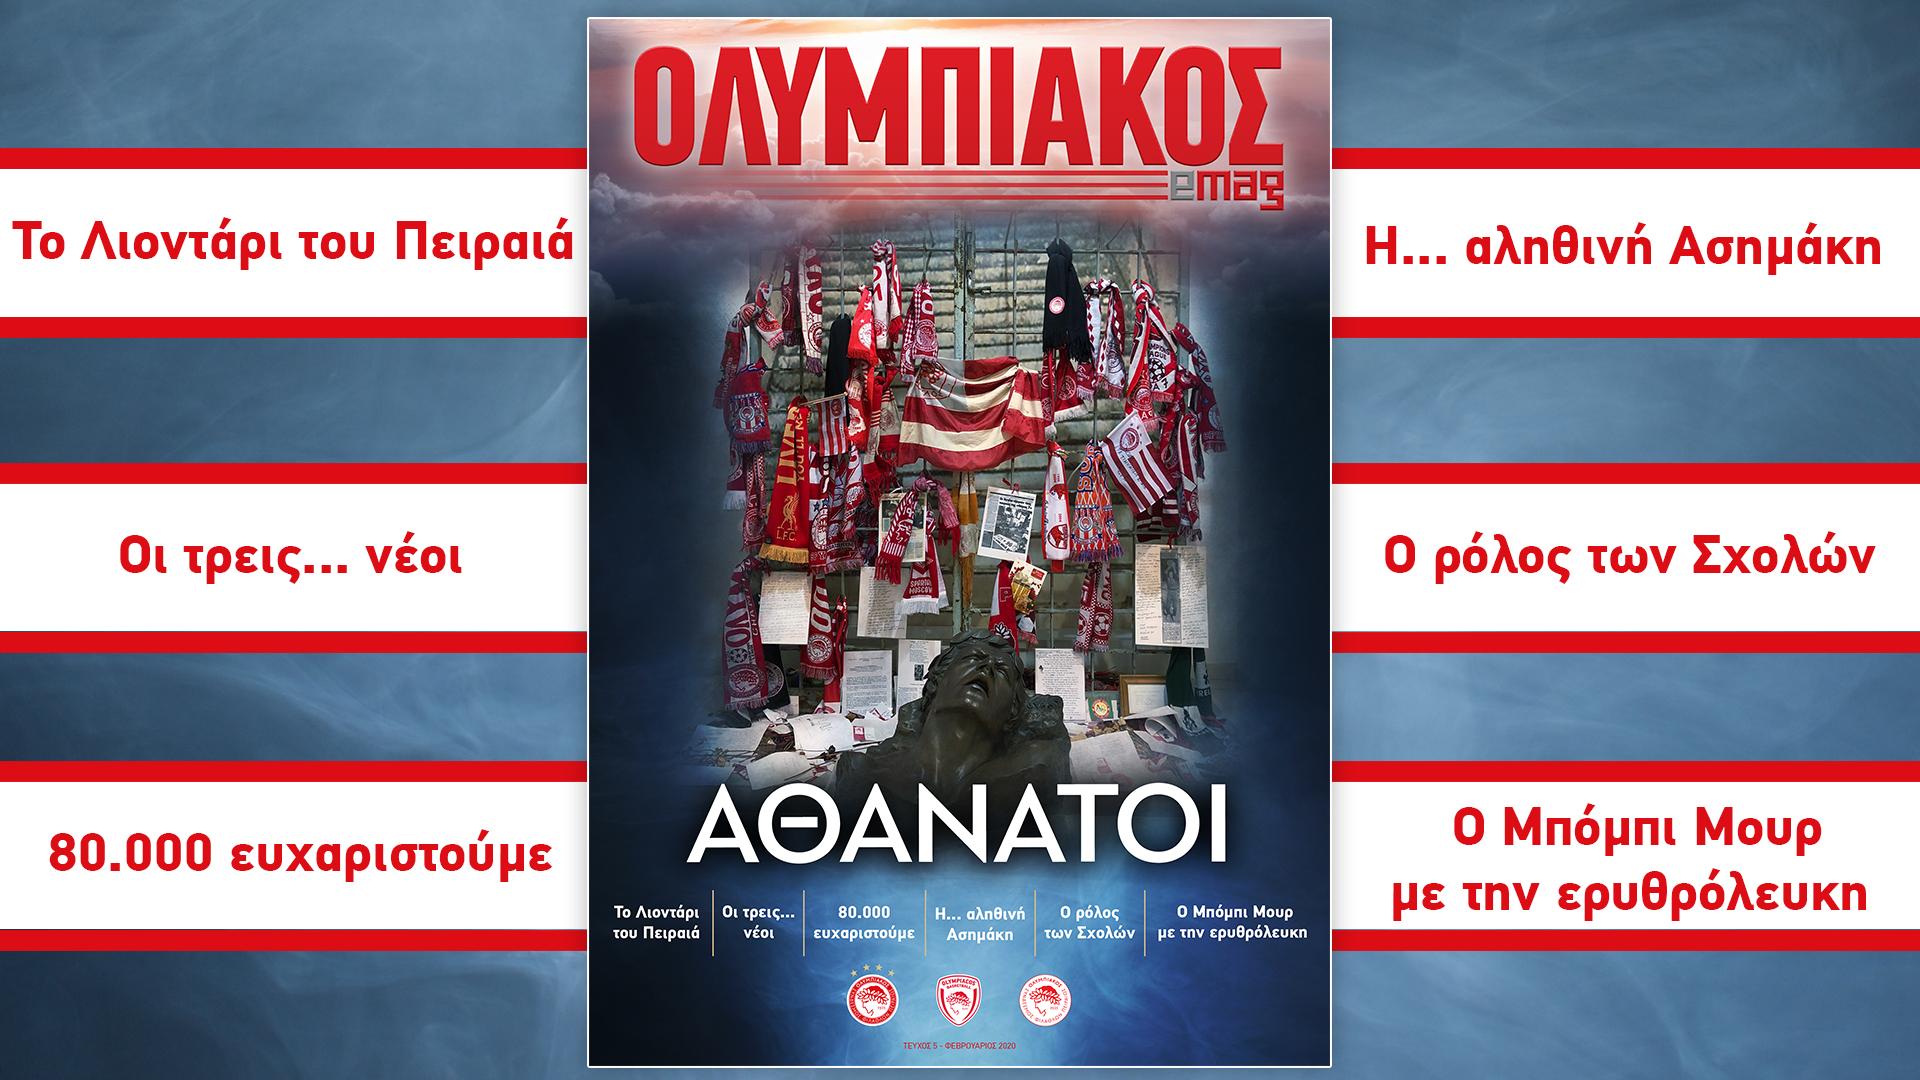 ΟΛΥΜΠΙΑΚΟΣ emag – 5ο τεύχος